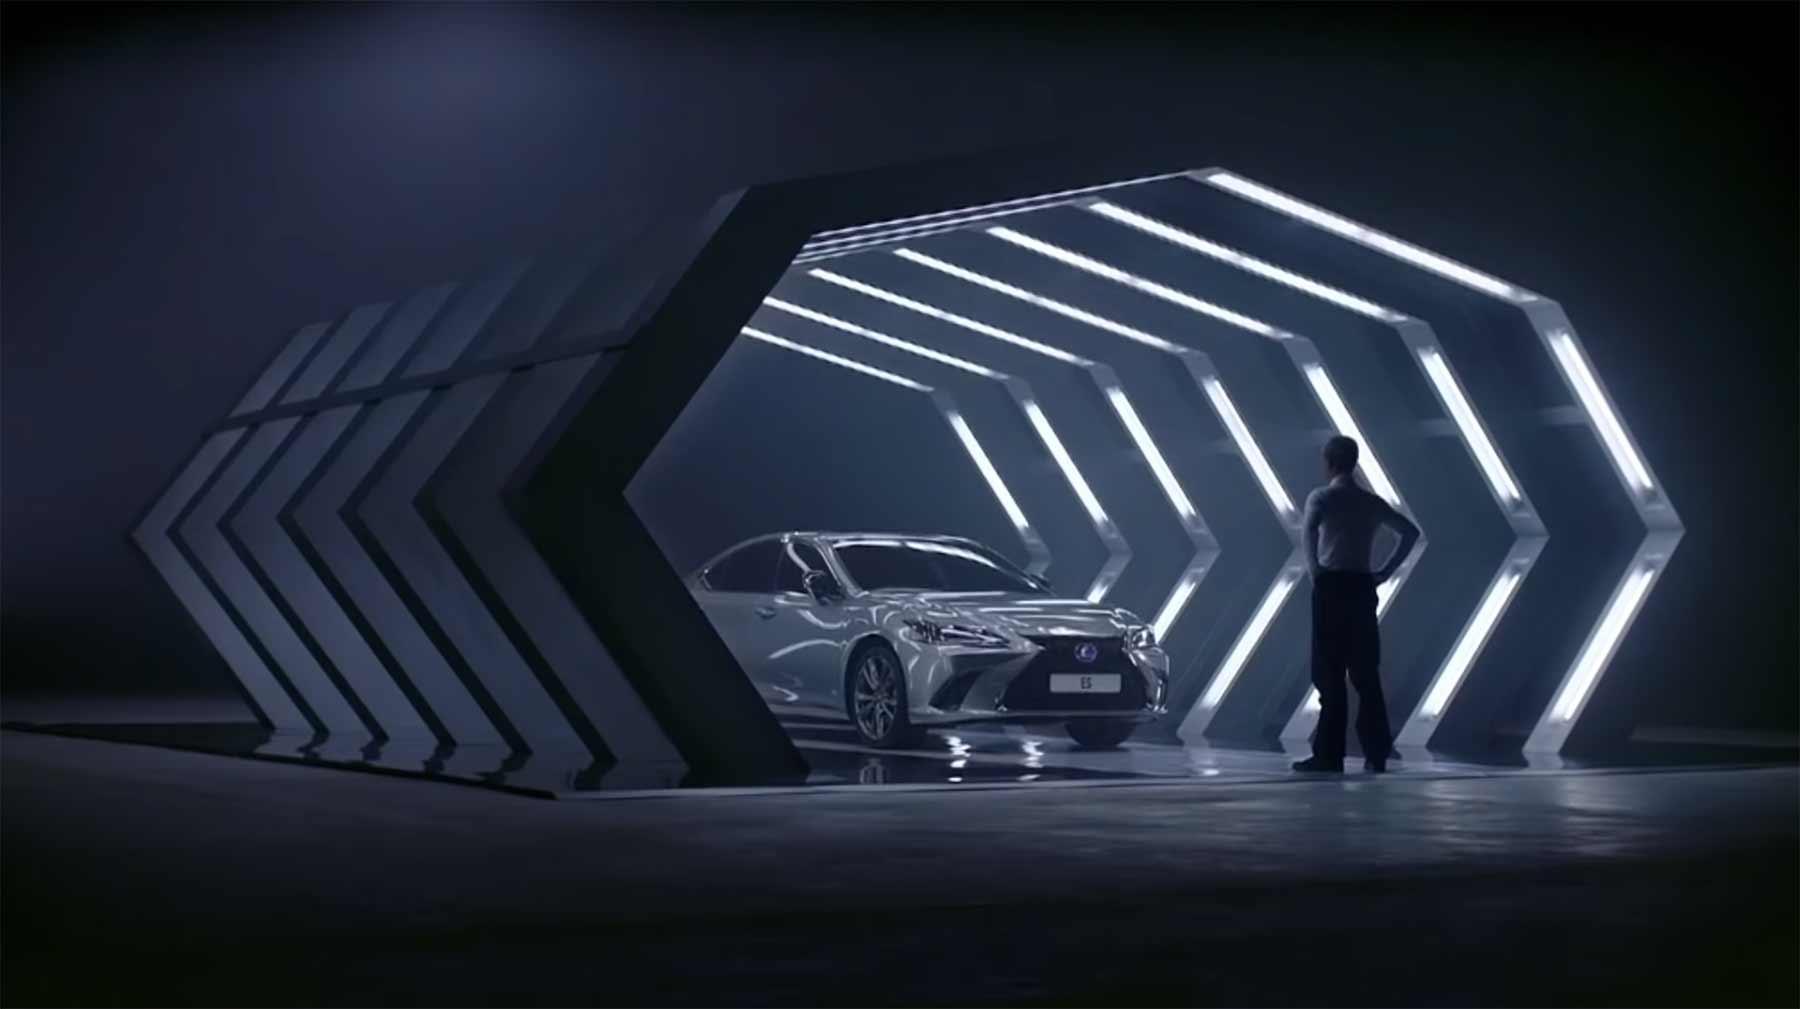 Eine künstliche Intelligenz hat diesen Automobil-Werbespot geschrieben